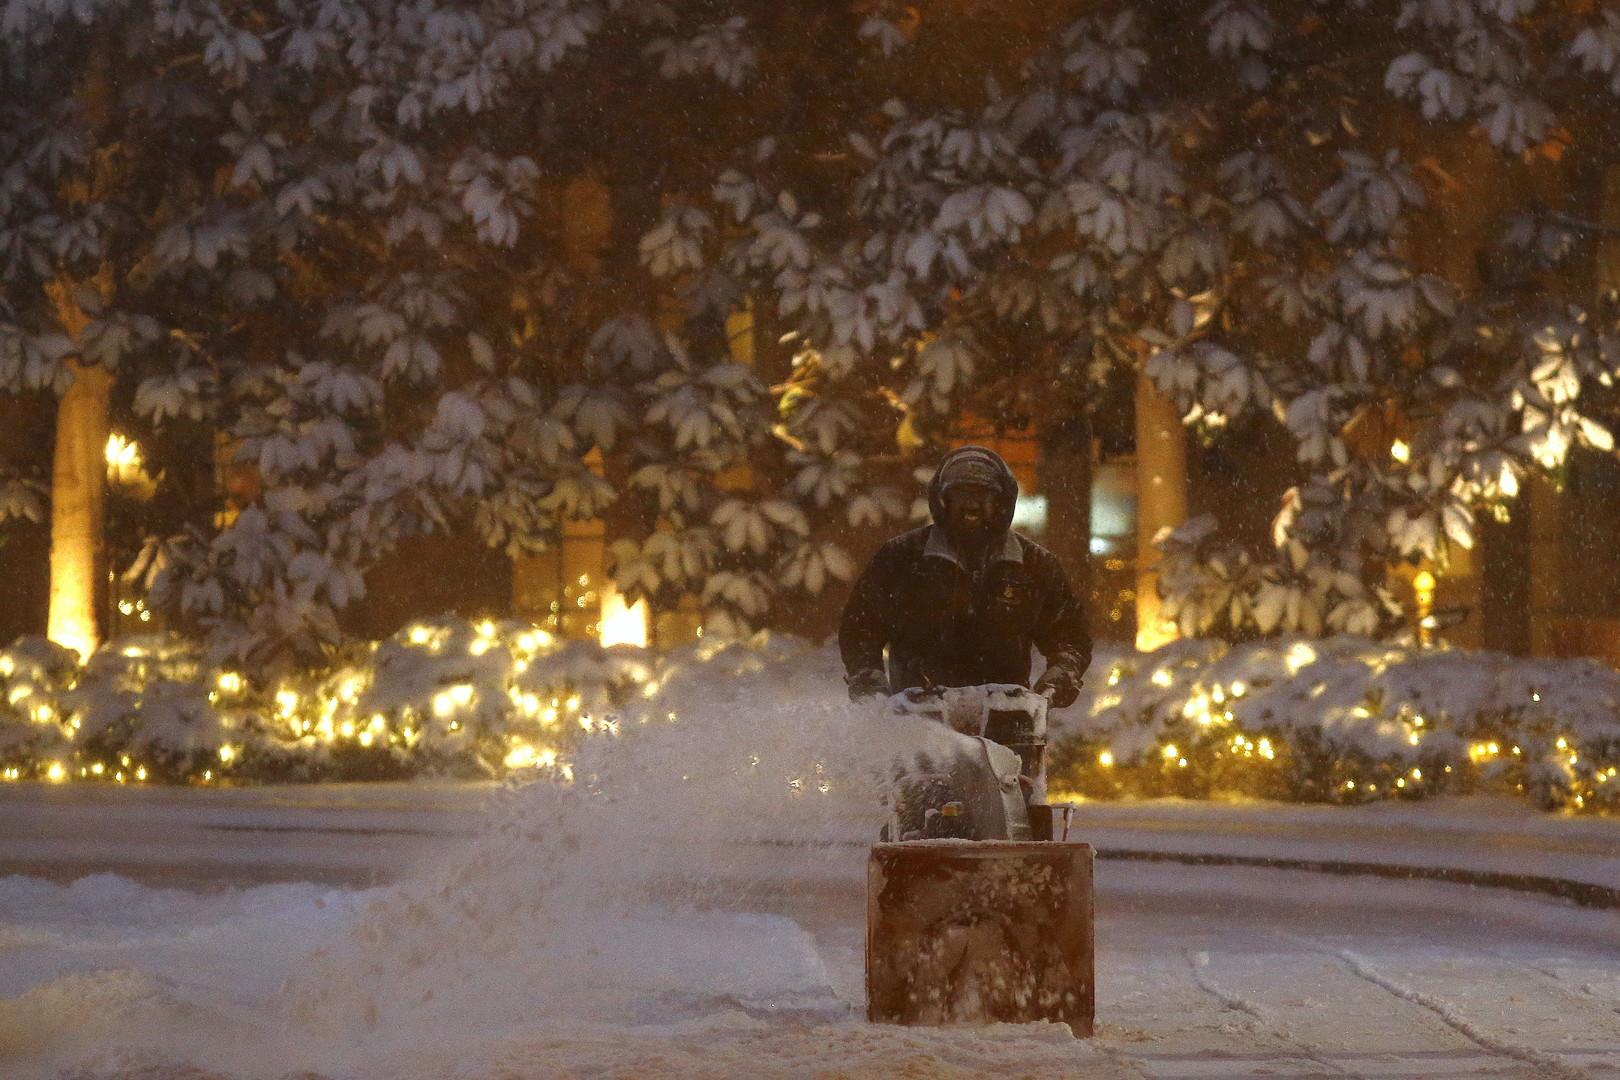 Etats-Unis : au moins 15 morts, le pays paralysé par une tempête de neige